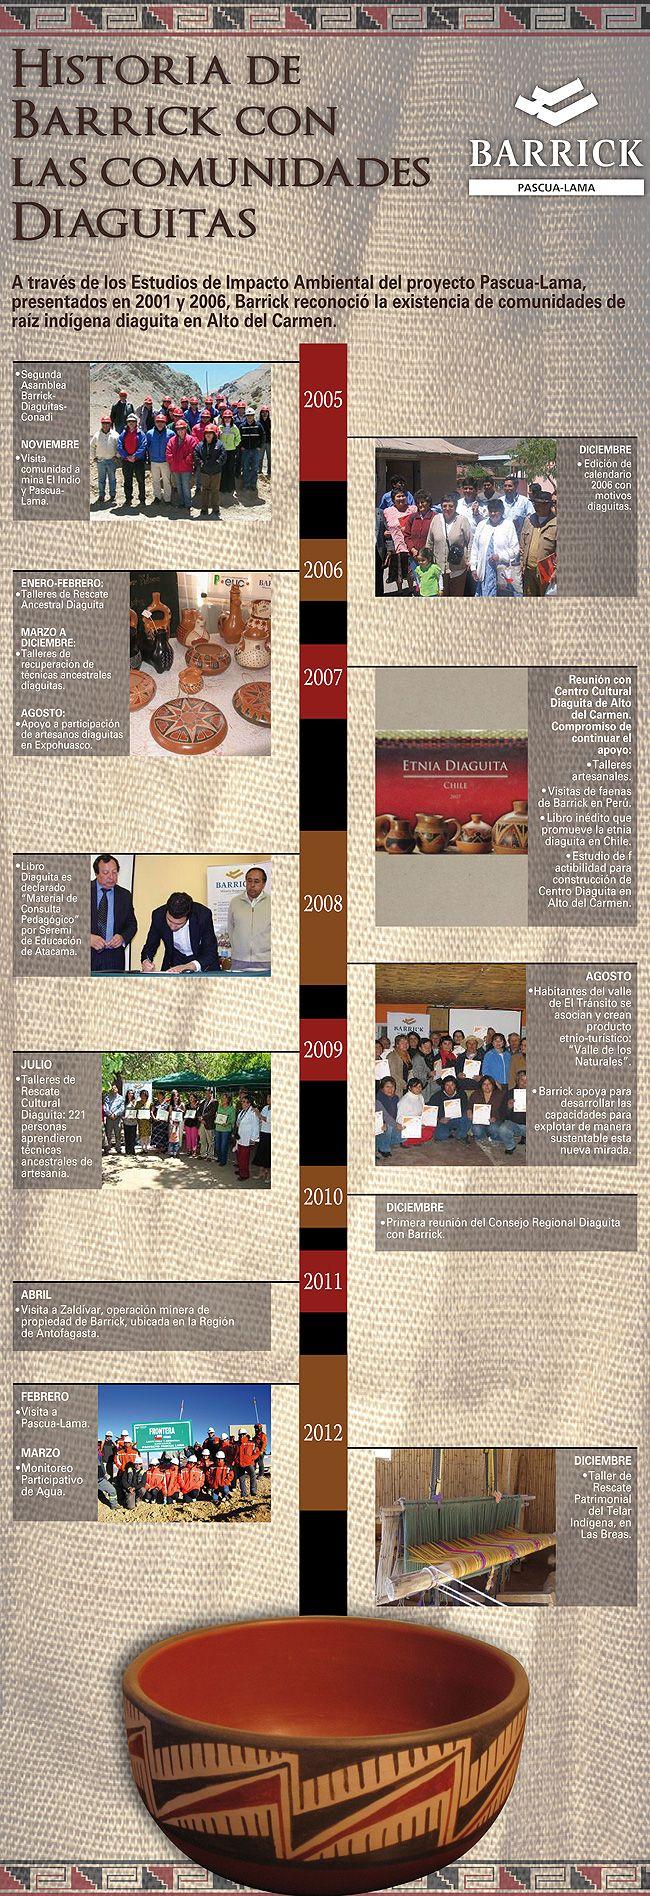 Historia de Barrick con las comunidades diaguitas - Infografía completa en el sitio de Pascua-Lama pascua-lama.com